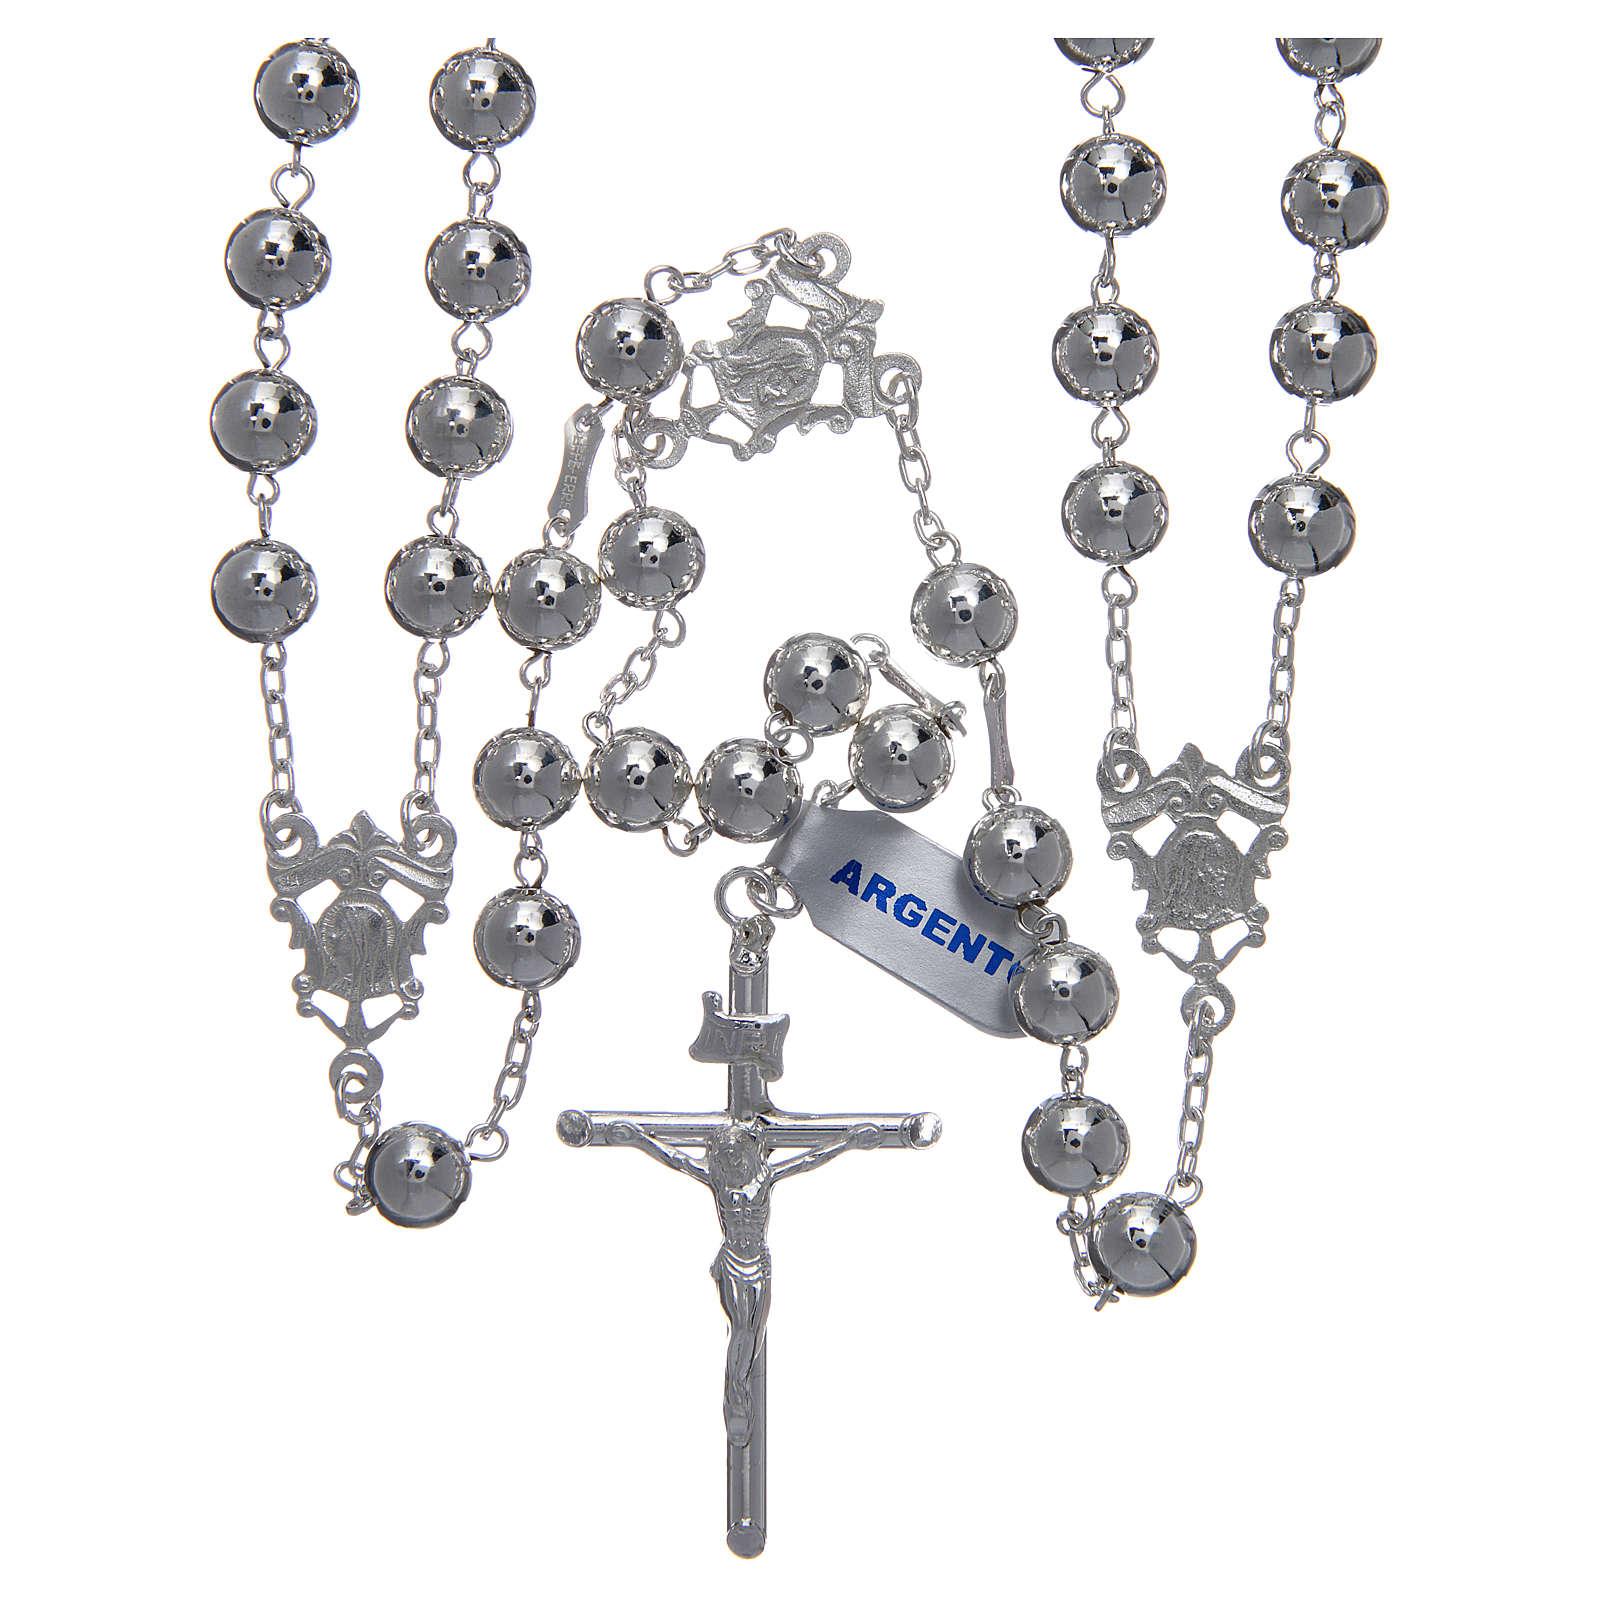 Różaniec meksykański na ślub srebro 925 kulka polerowana krzyż belki drzewa 4